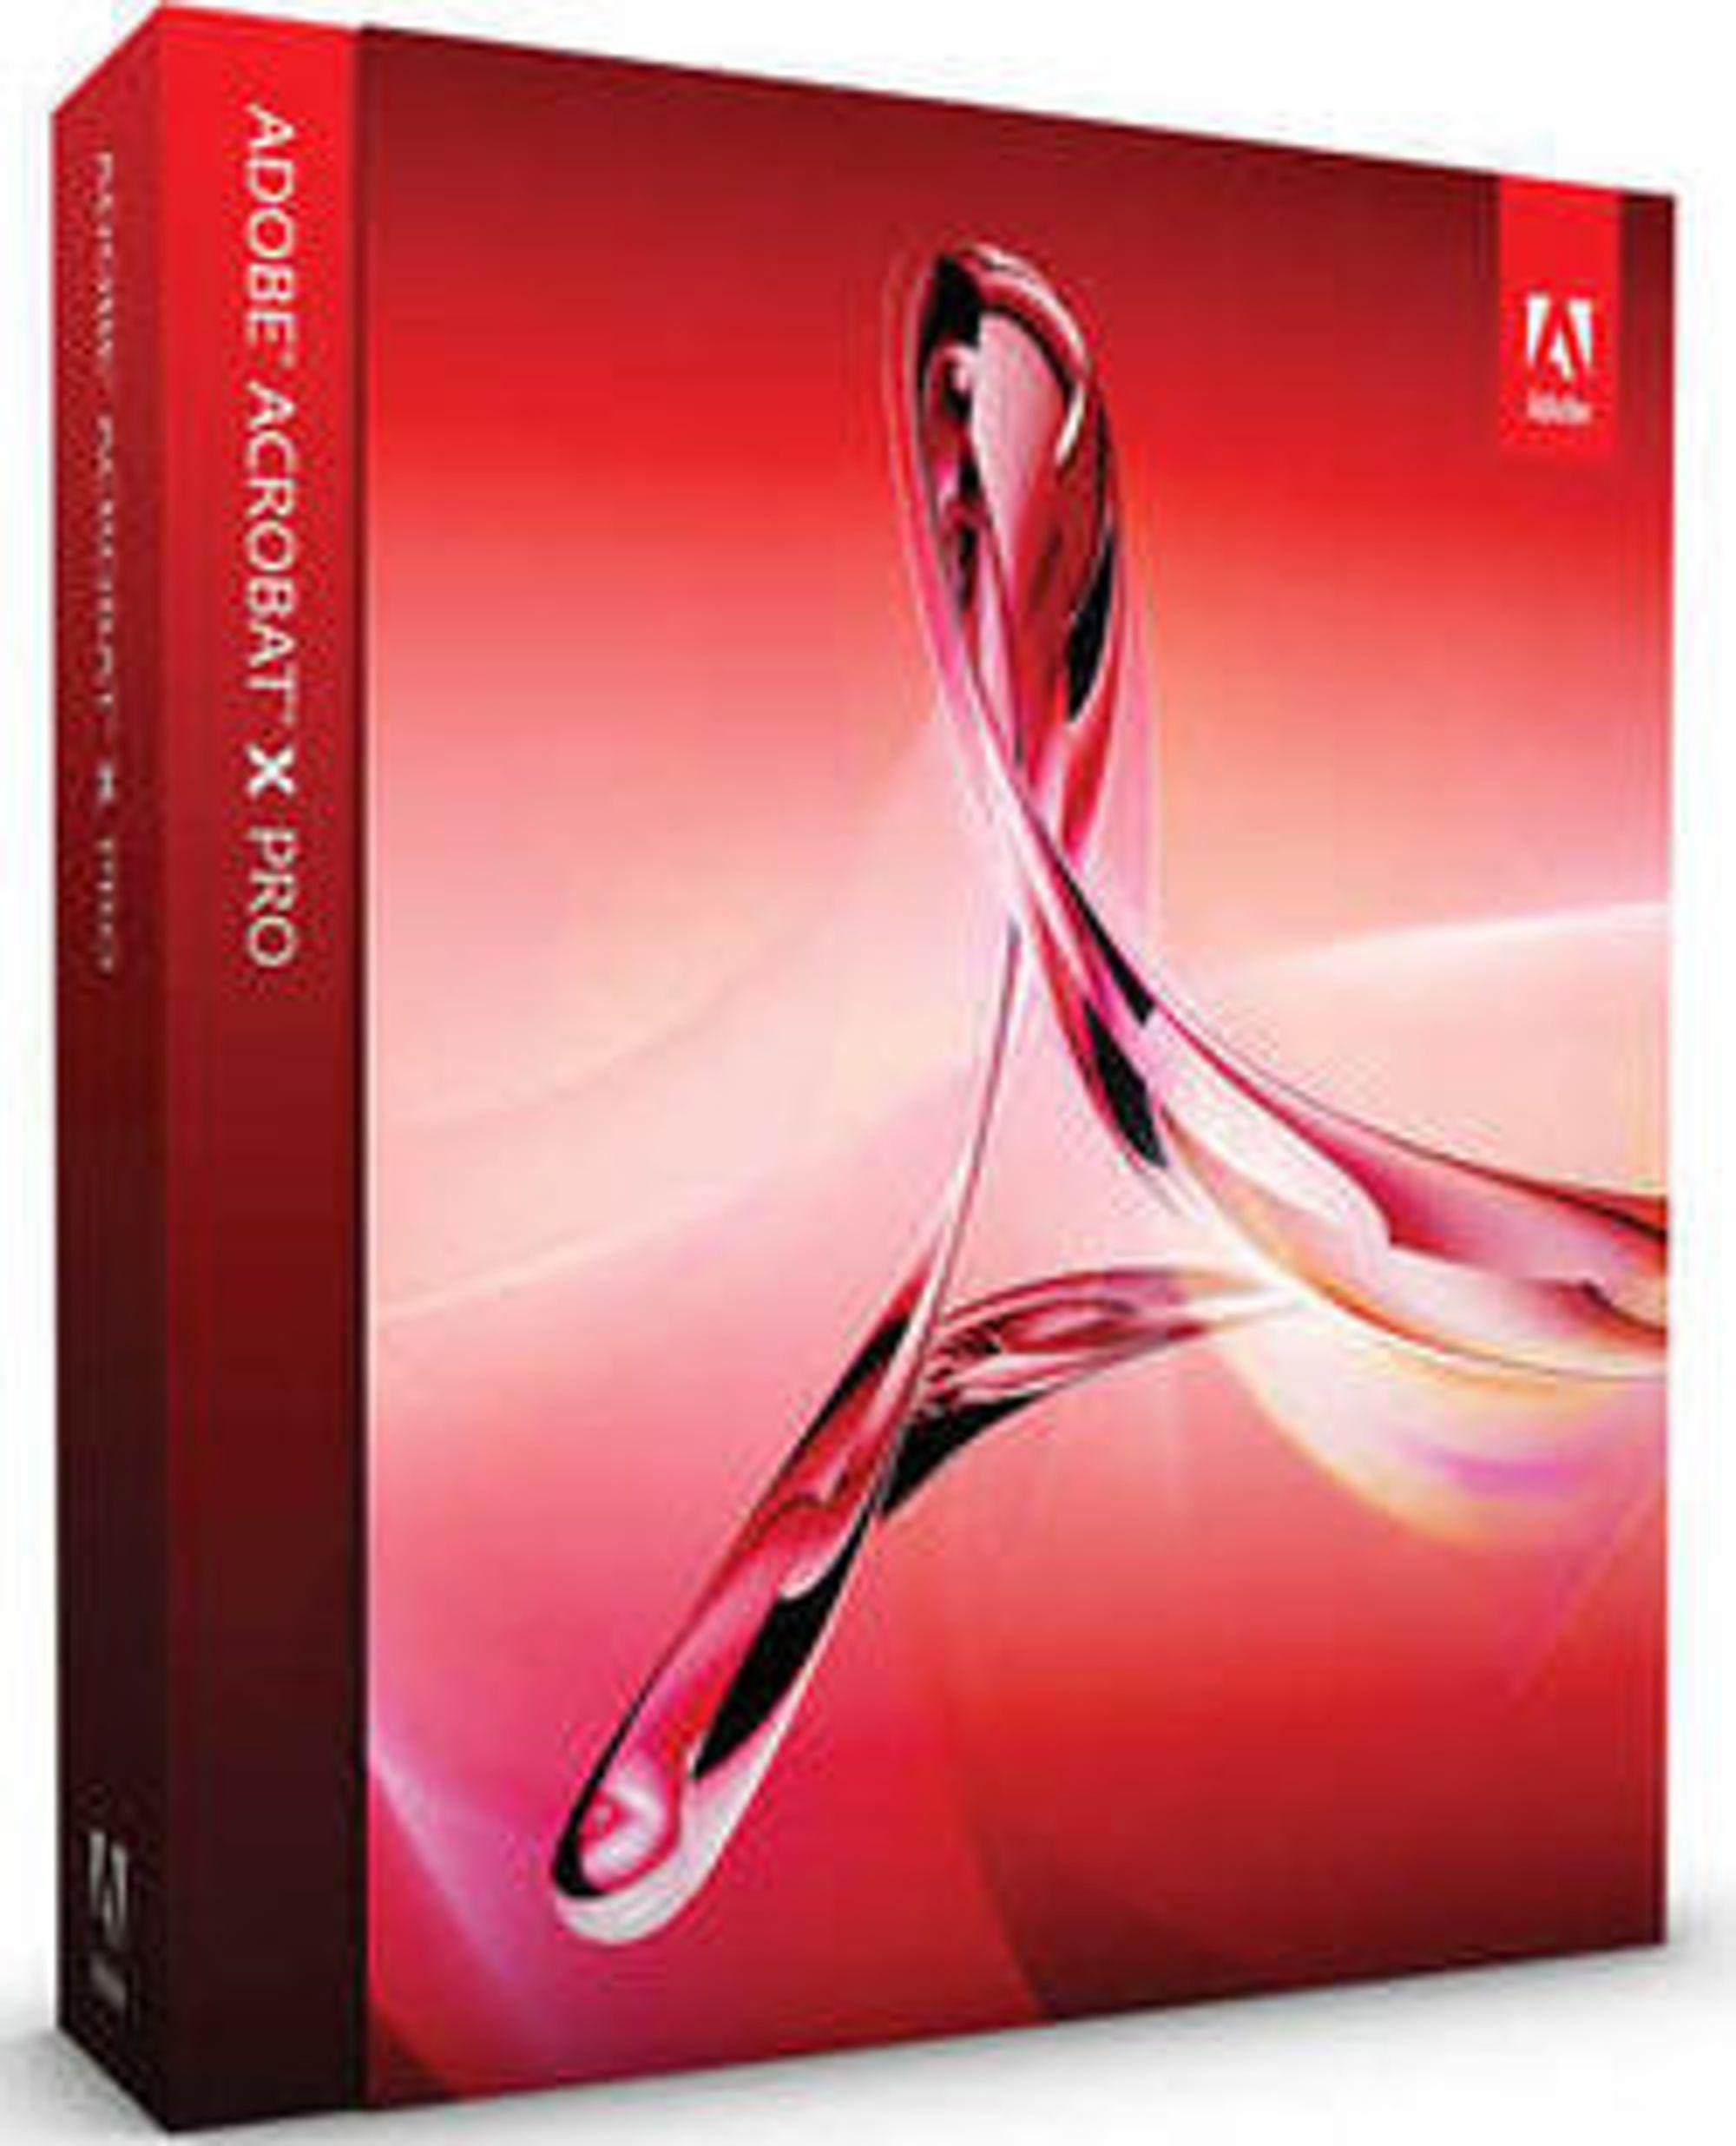 Adobe Acrobat X blir tilgjengelig i flere utgaver.